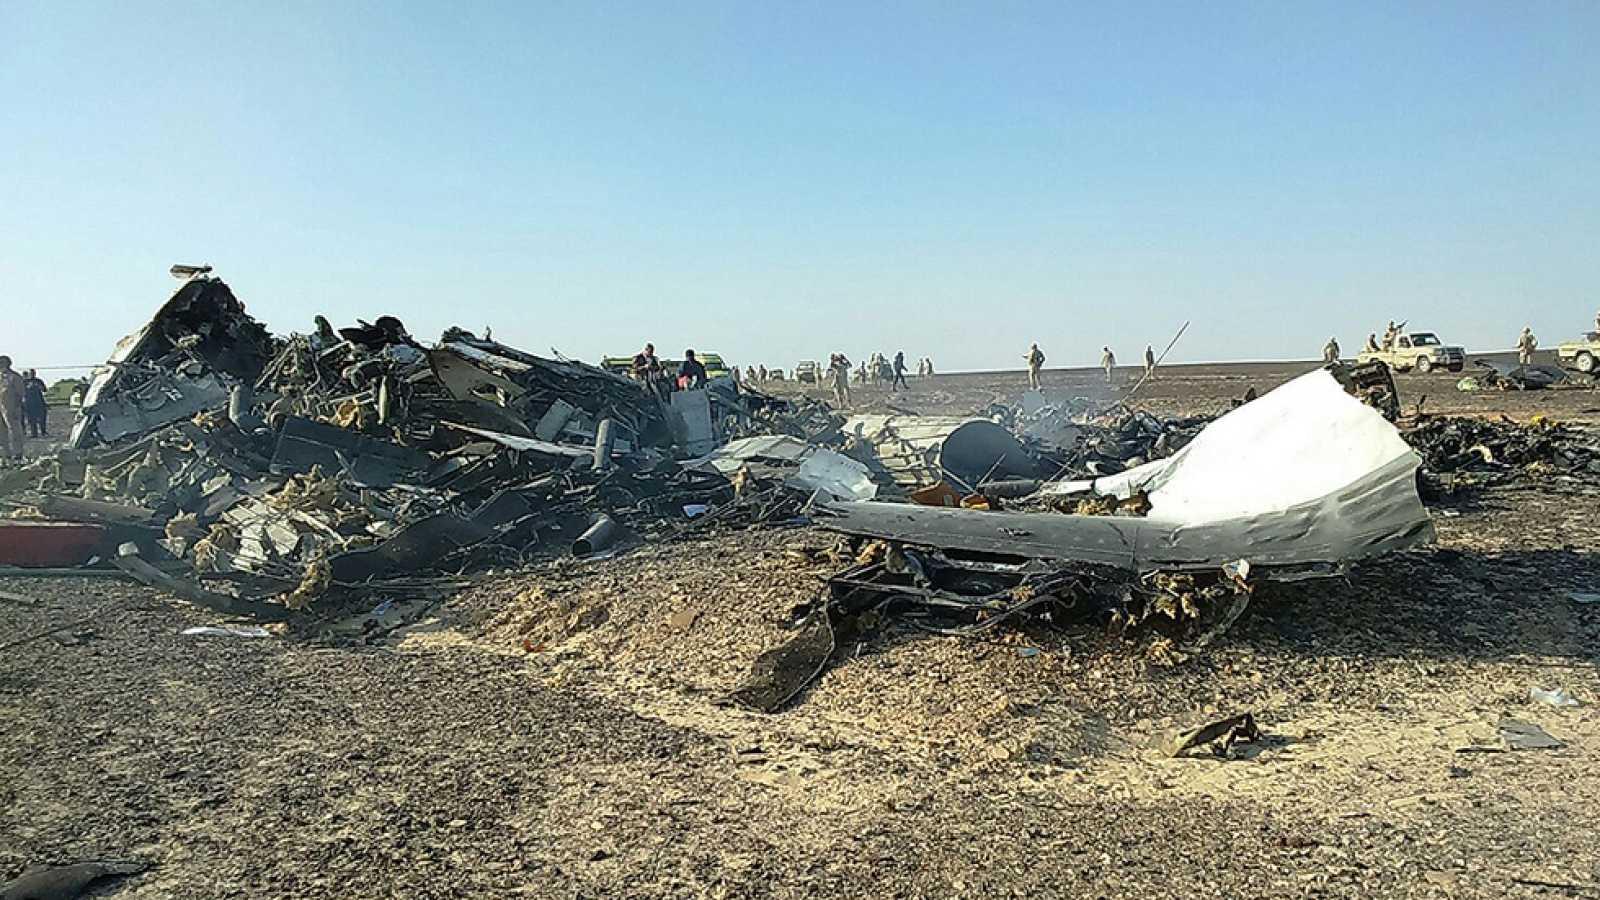 Los equipos de emergencia han recuperado cerca de 130 cadáveres del avión ruso siniestrado